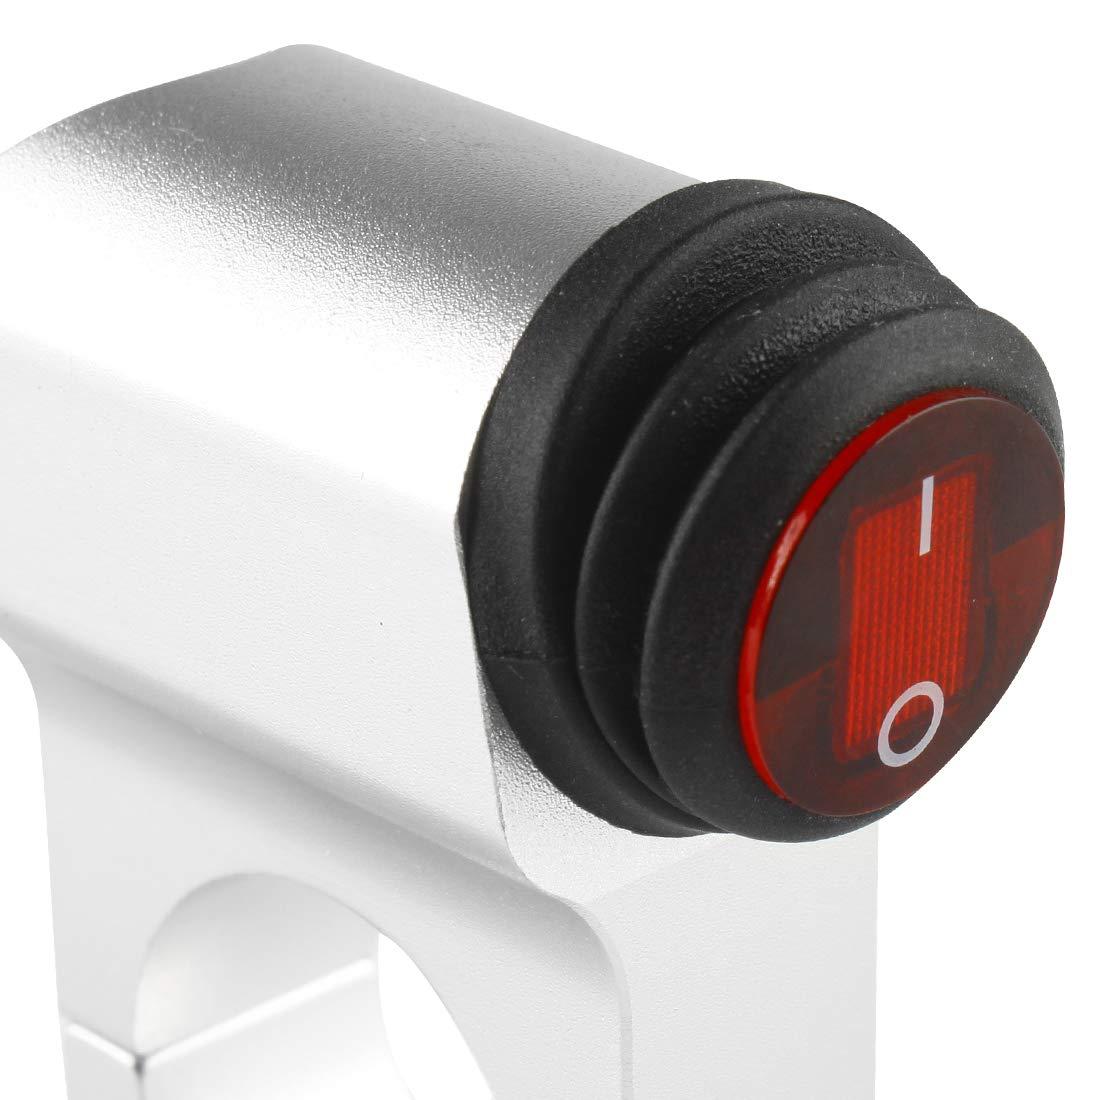 Larcele 12V Interruptor de manillar Interruptor de los Faros con Luz Indicadora,Di/ámetro de Montaje 25mm SBKG-01 25mm, Negro,Estilo 3857